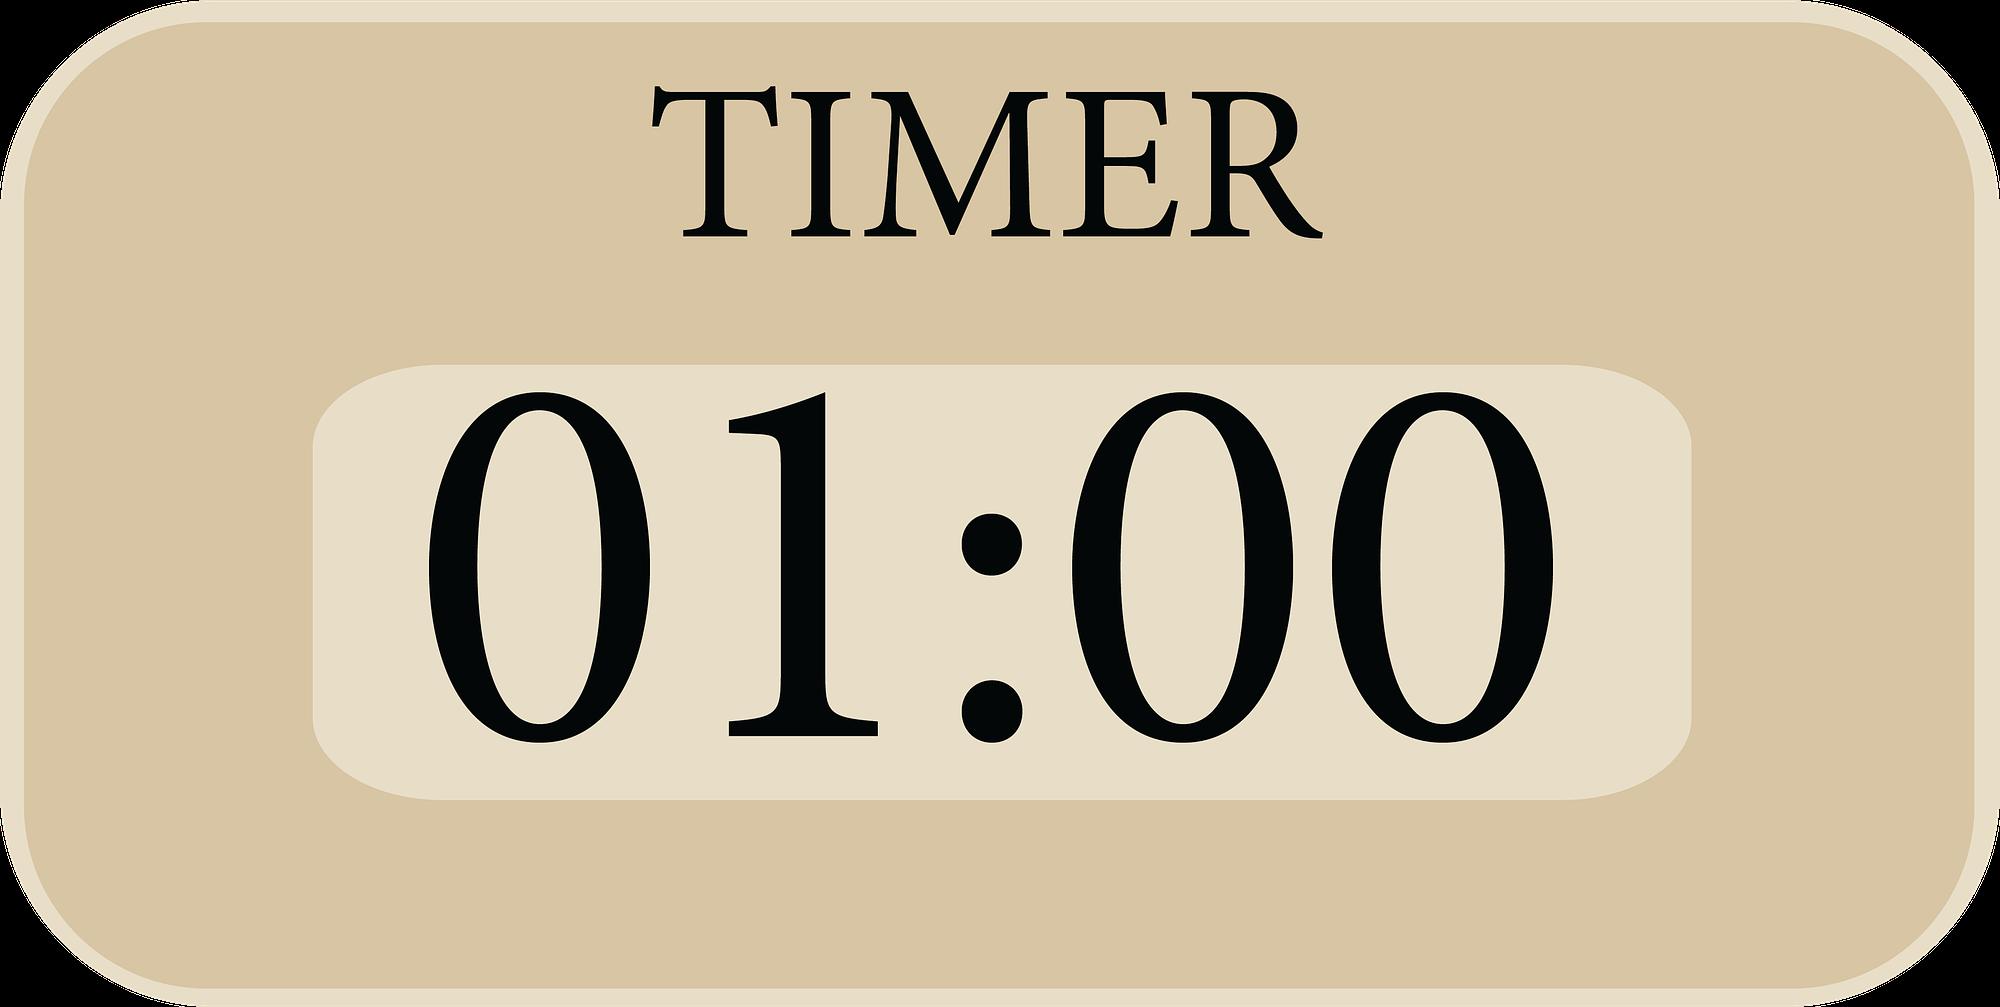 Timer zeigt eine minute